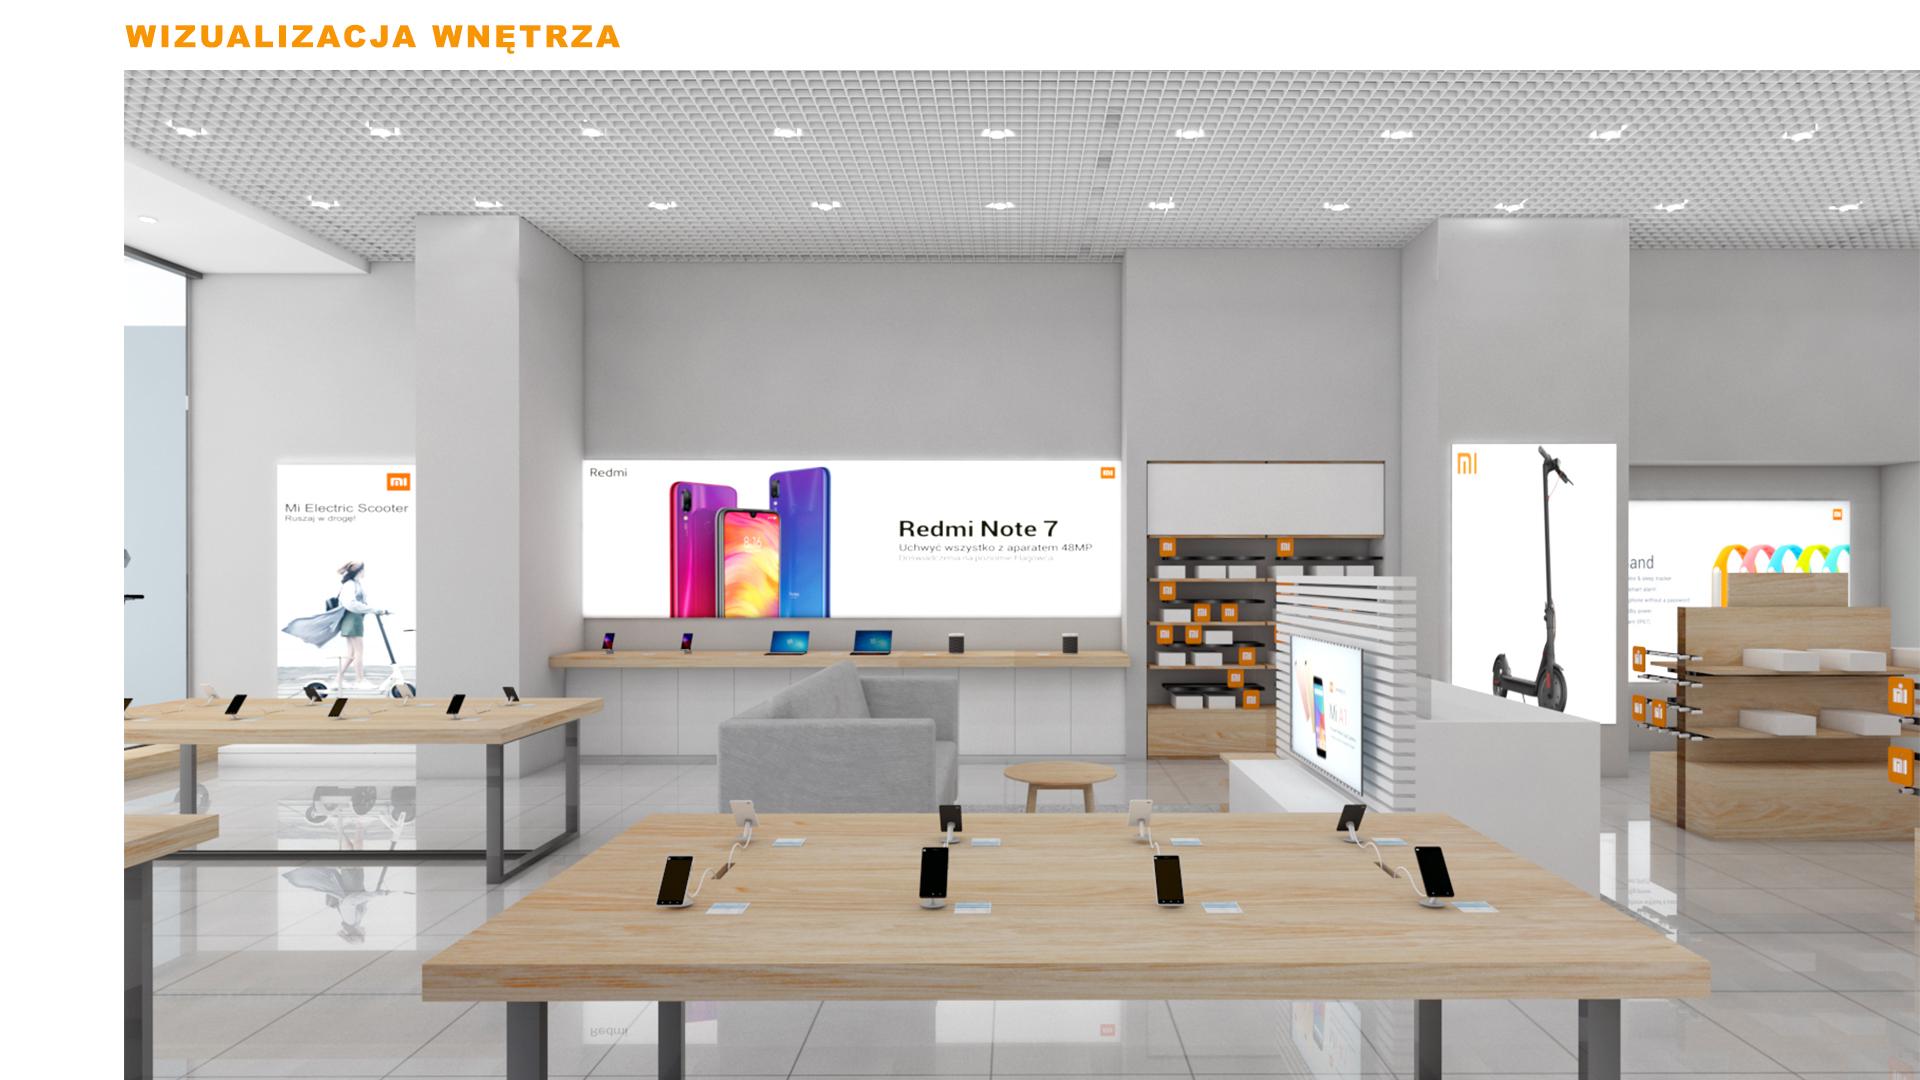 Mi-Store - Warszawa - Galeria Młociny - wizualizacja wnętrza